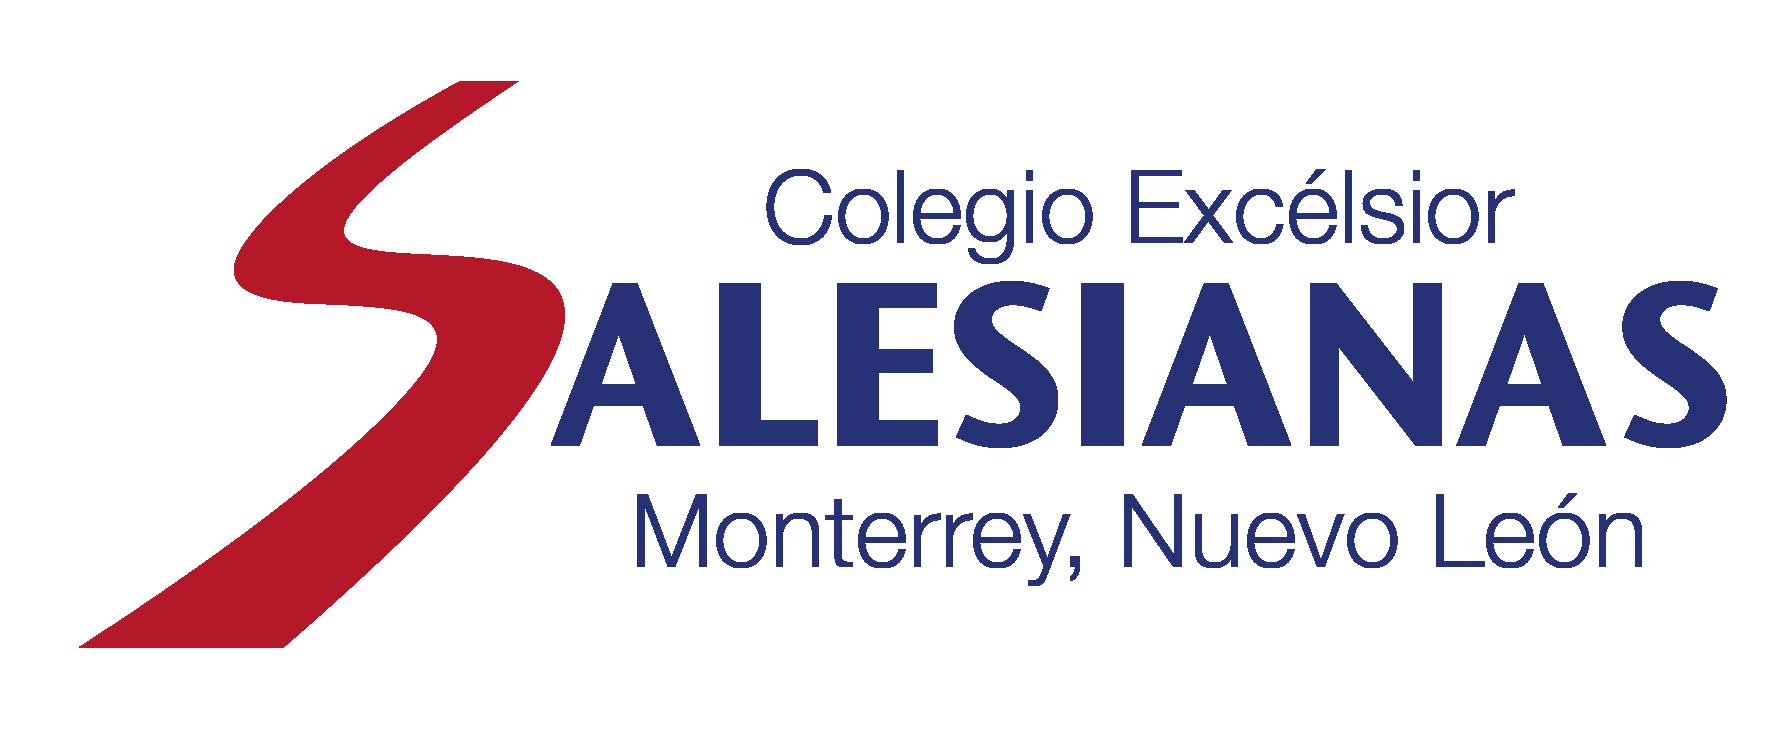 COLEGIO EXCELSIOR SALESIANAS